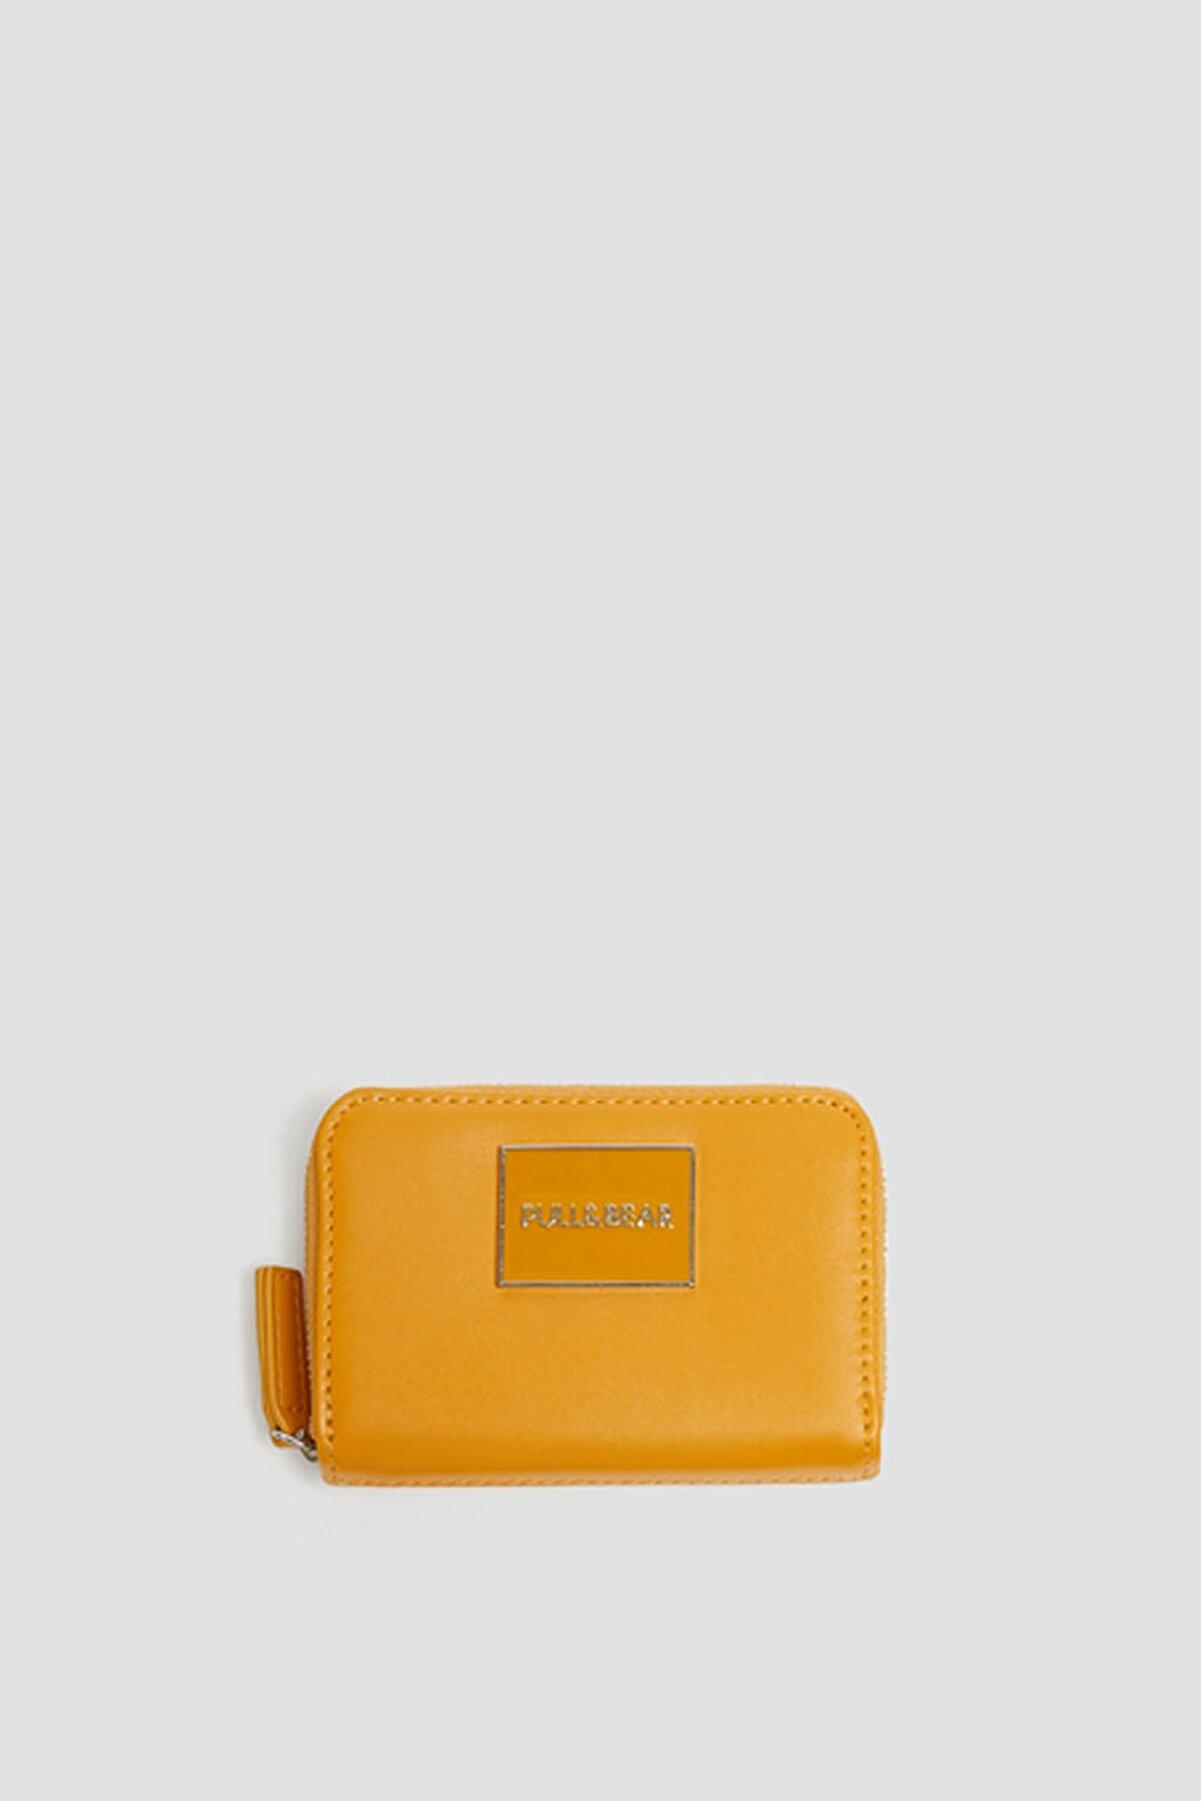 Pull & Bear Kadın Hardal Rengi Hardal Sarısı Rengi Cüzdan 14032540